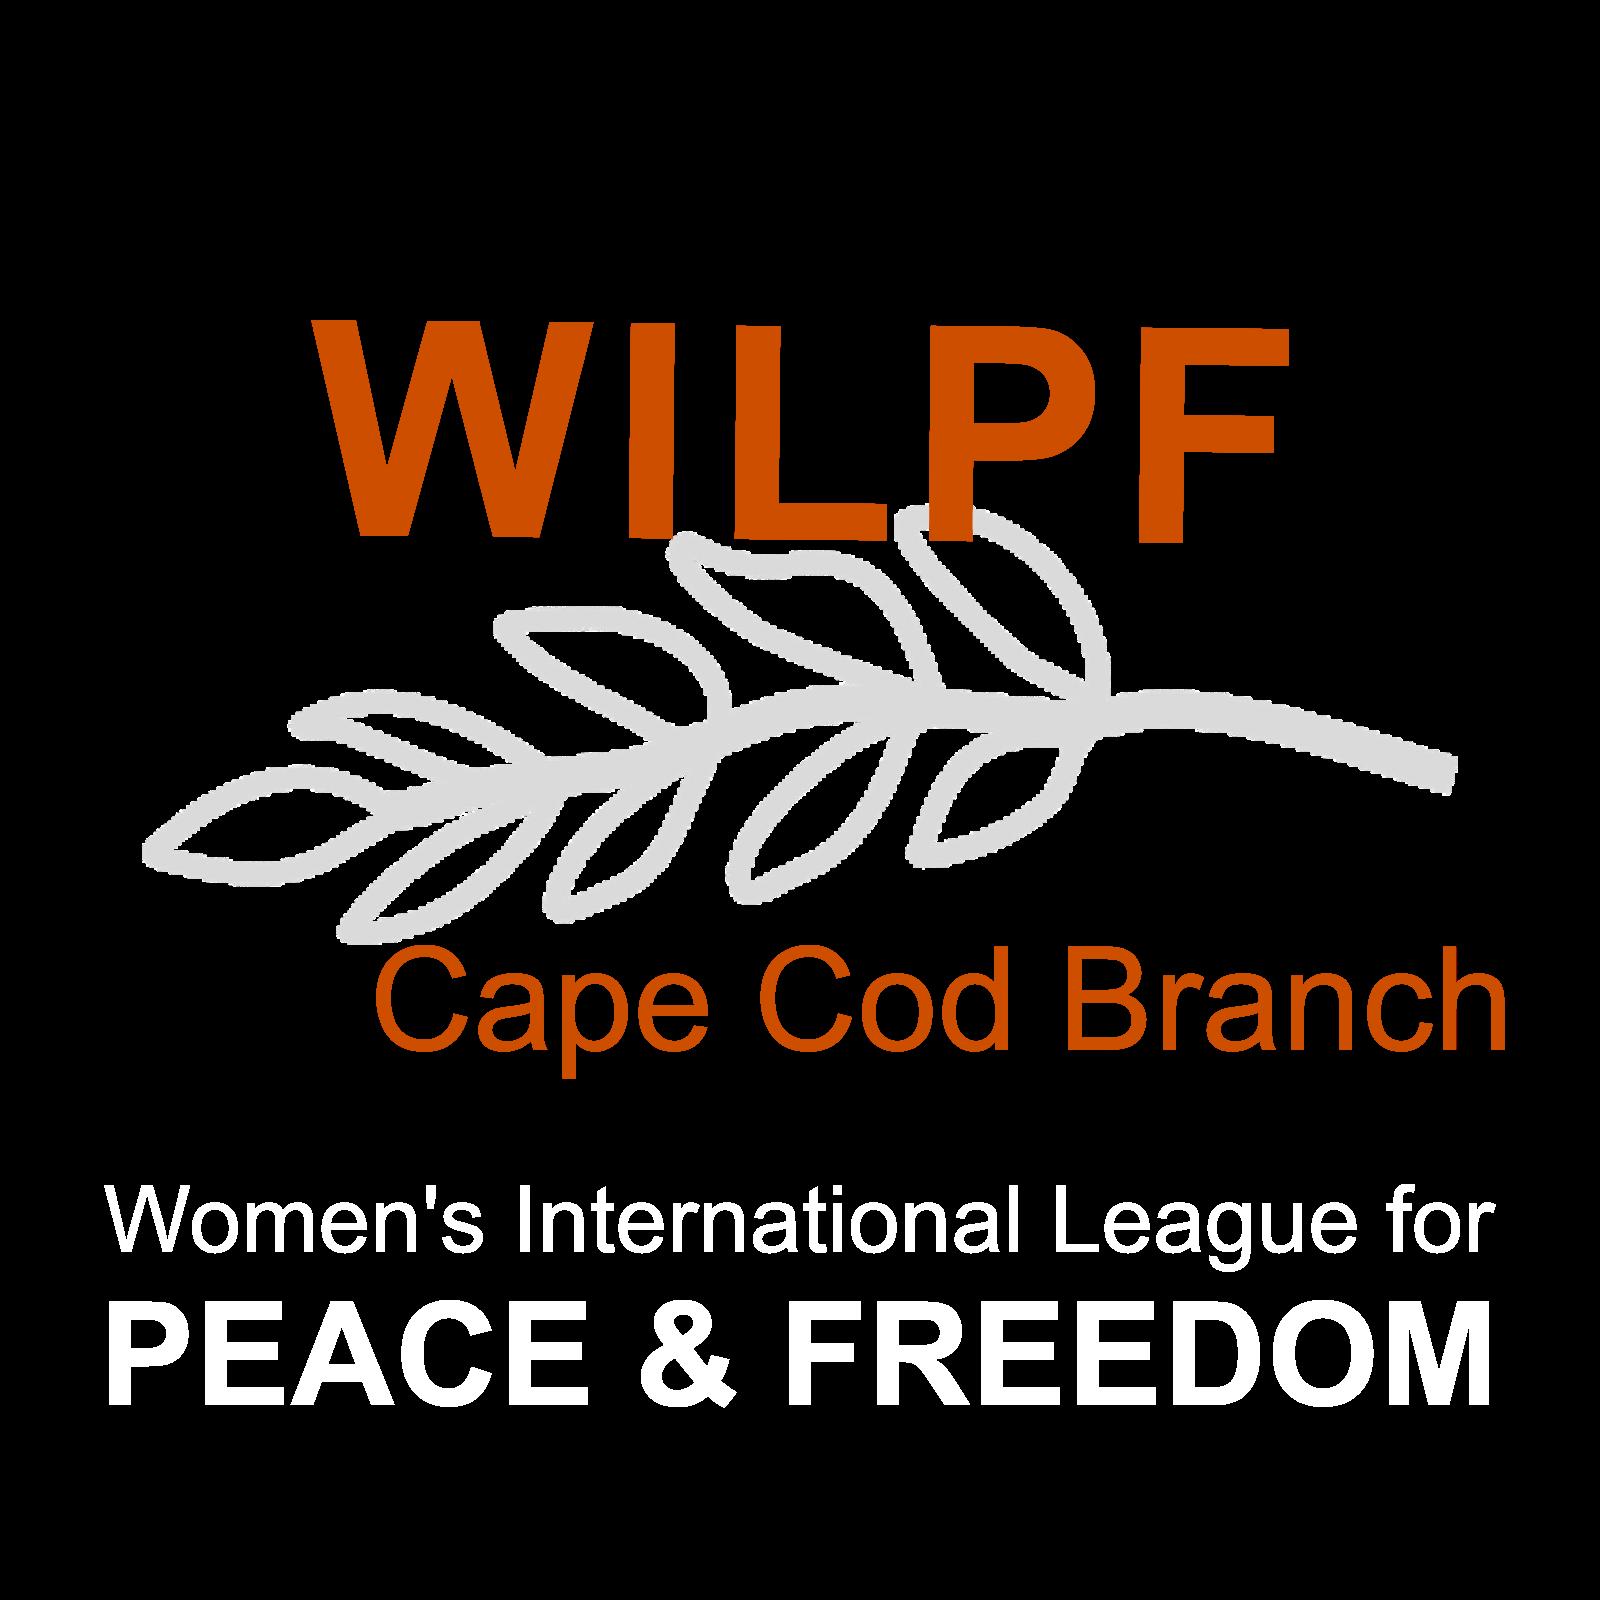 Copy of Cape Cod WILPF